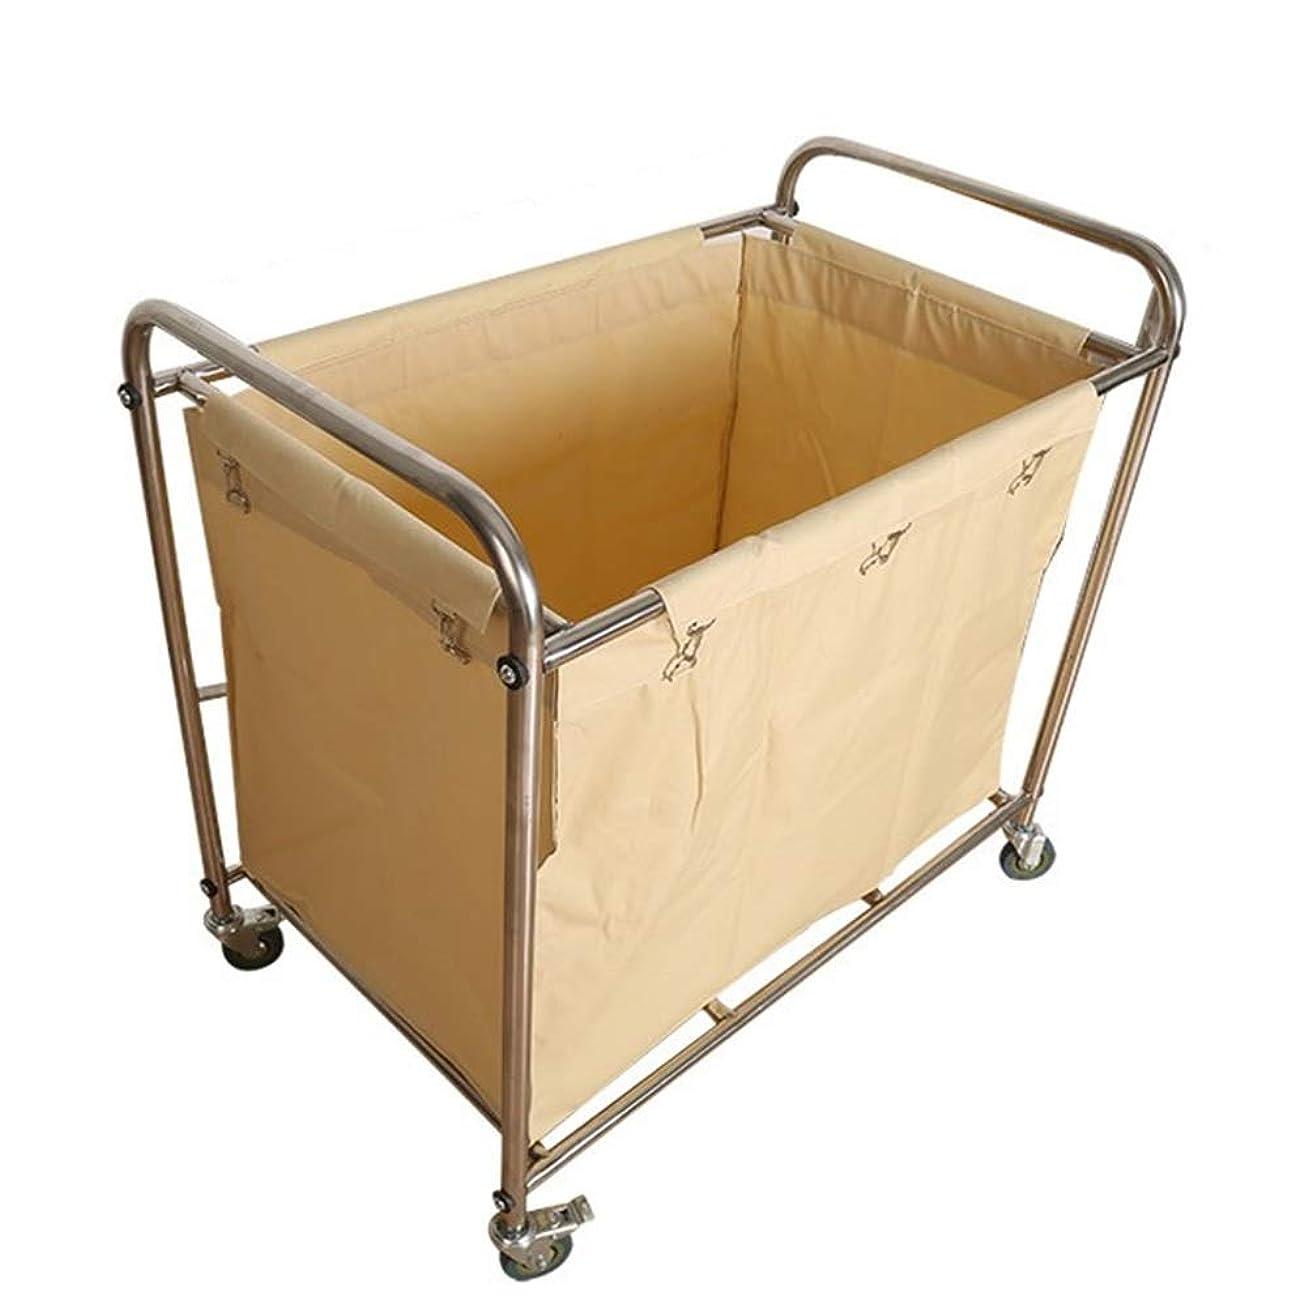 反映するボランティア経験的商業サービングカートのトロリー - 圧延の車輪が付いている洗濯の選別機の妨害車、家/大広間/産業のための洗浄のバスケット